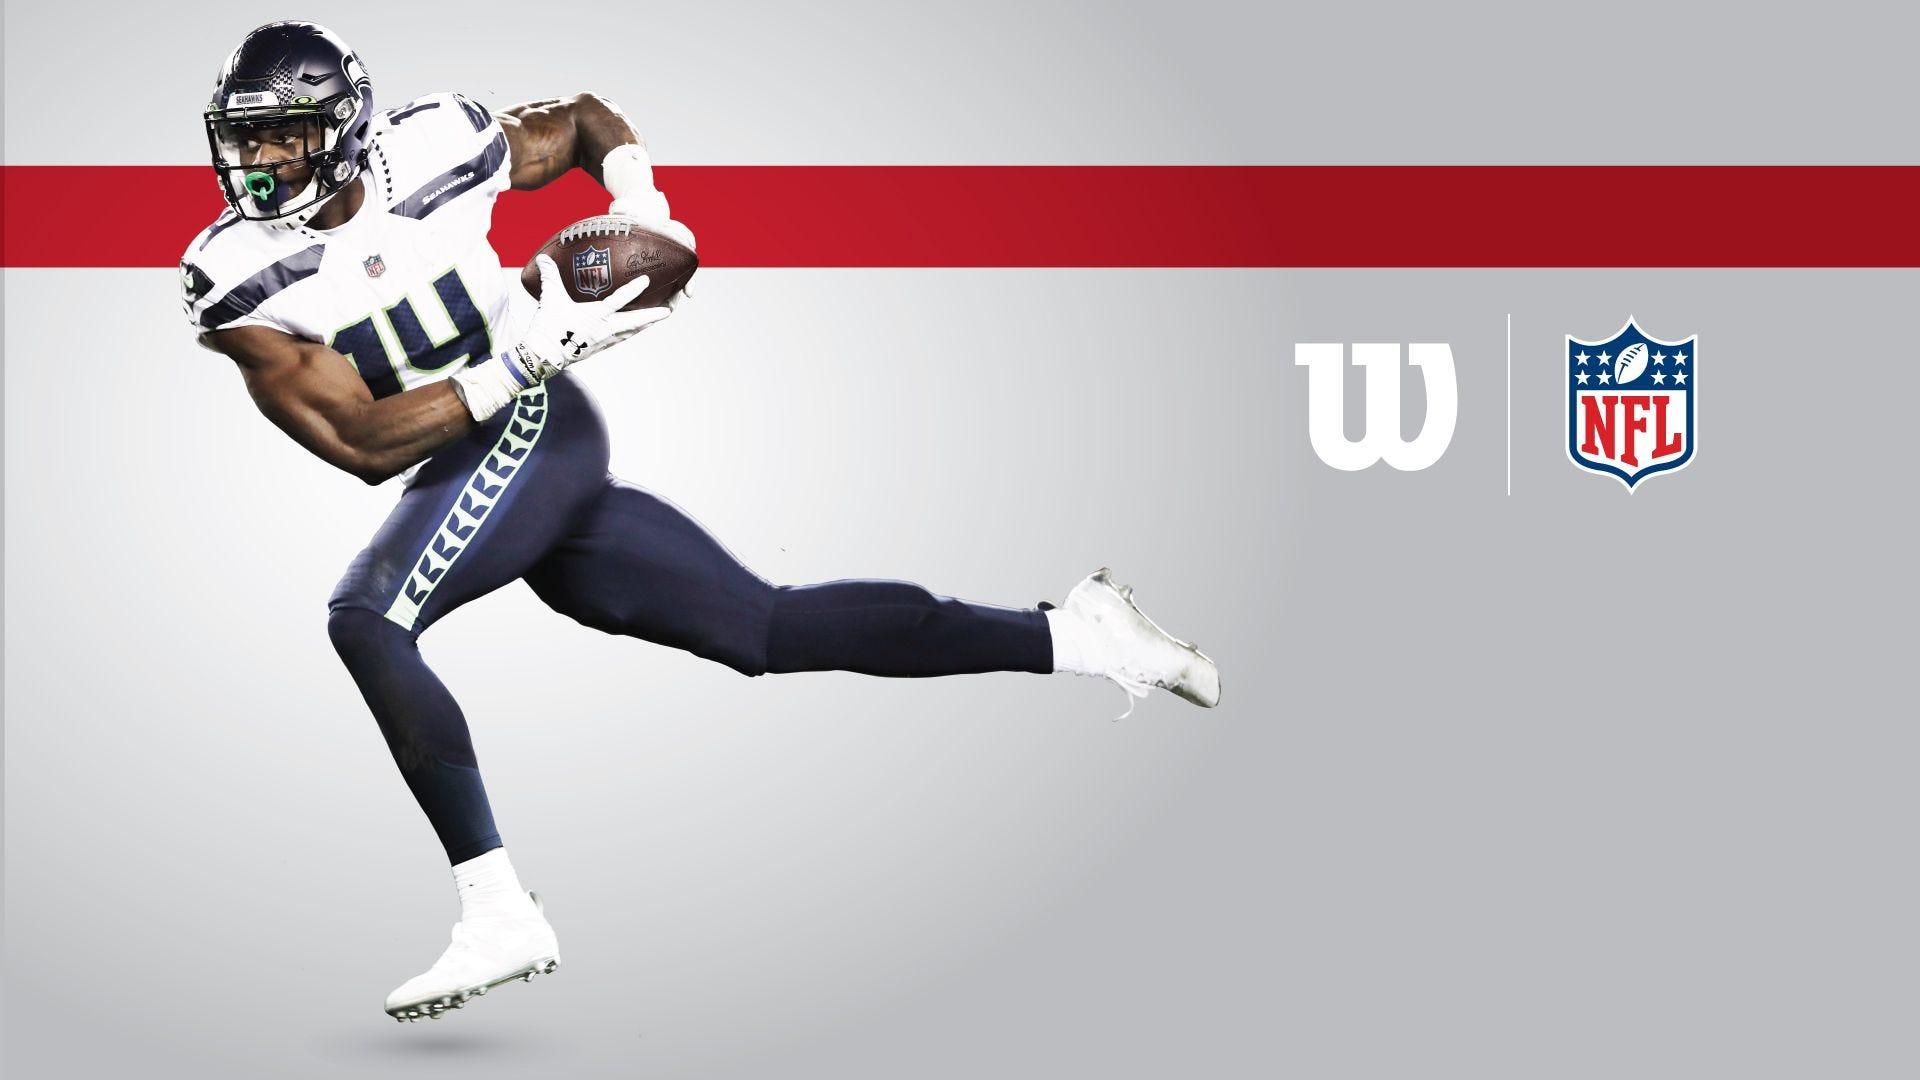 Wilson Duke NFL Football - DK Metcalf